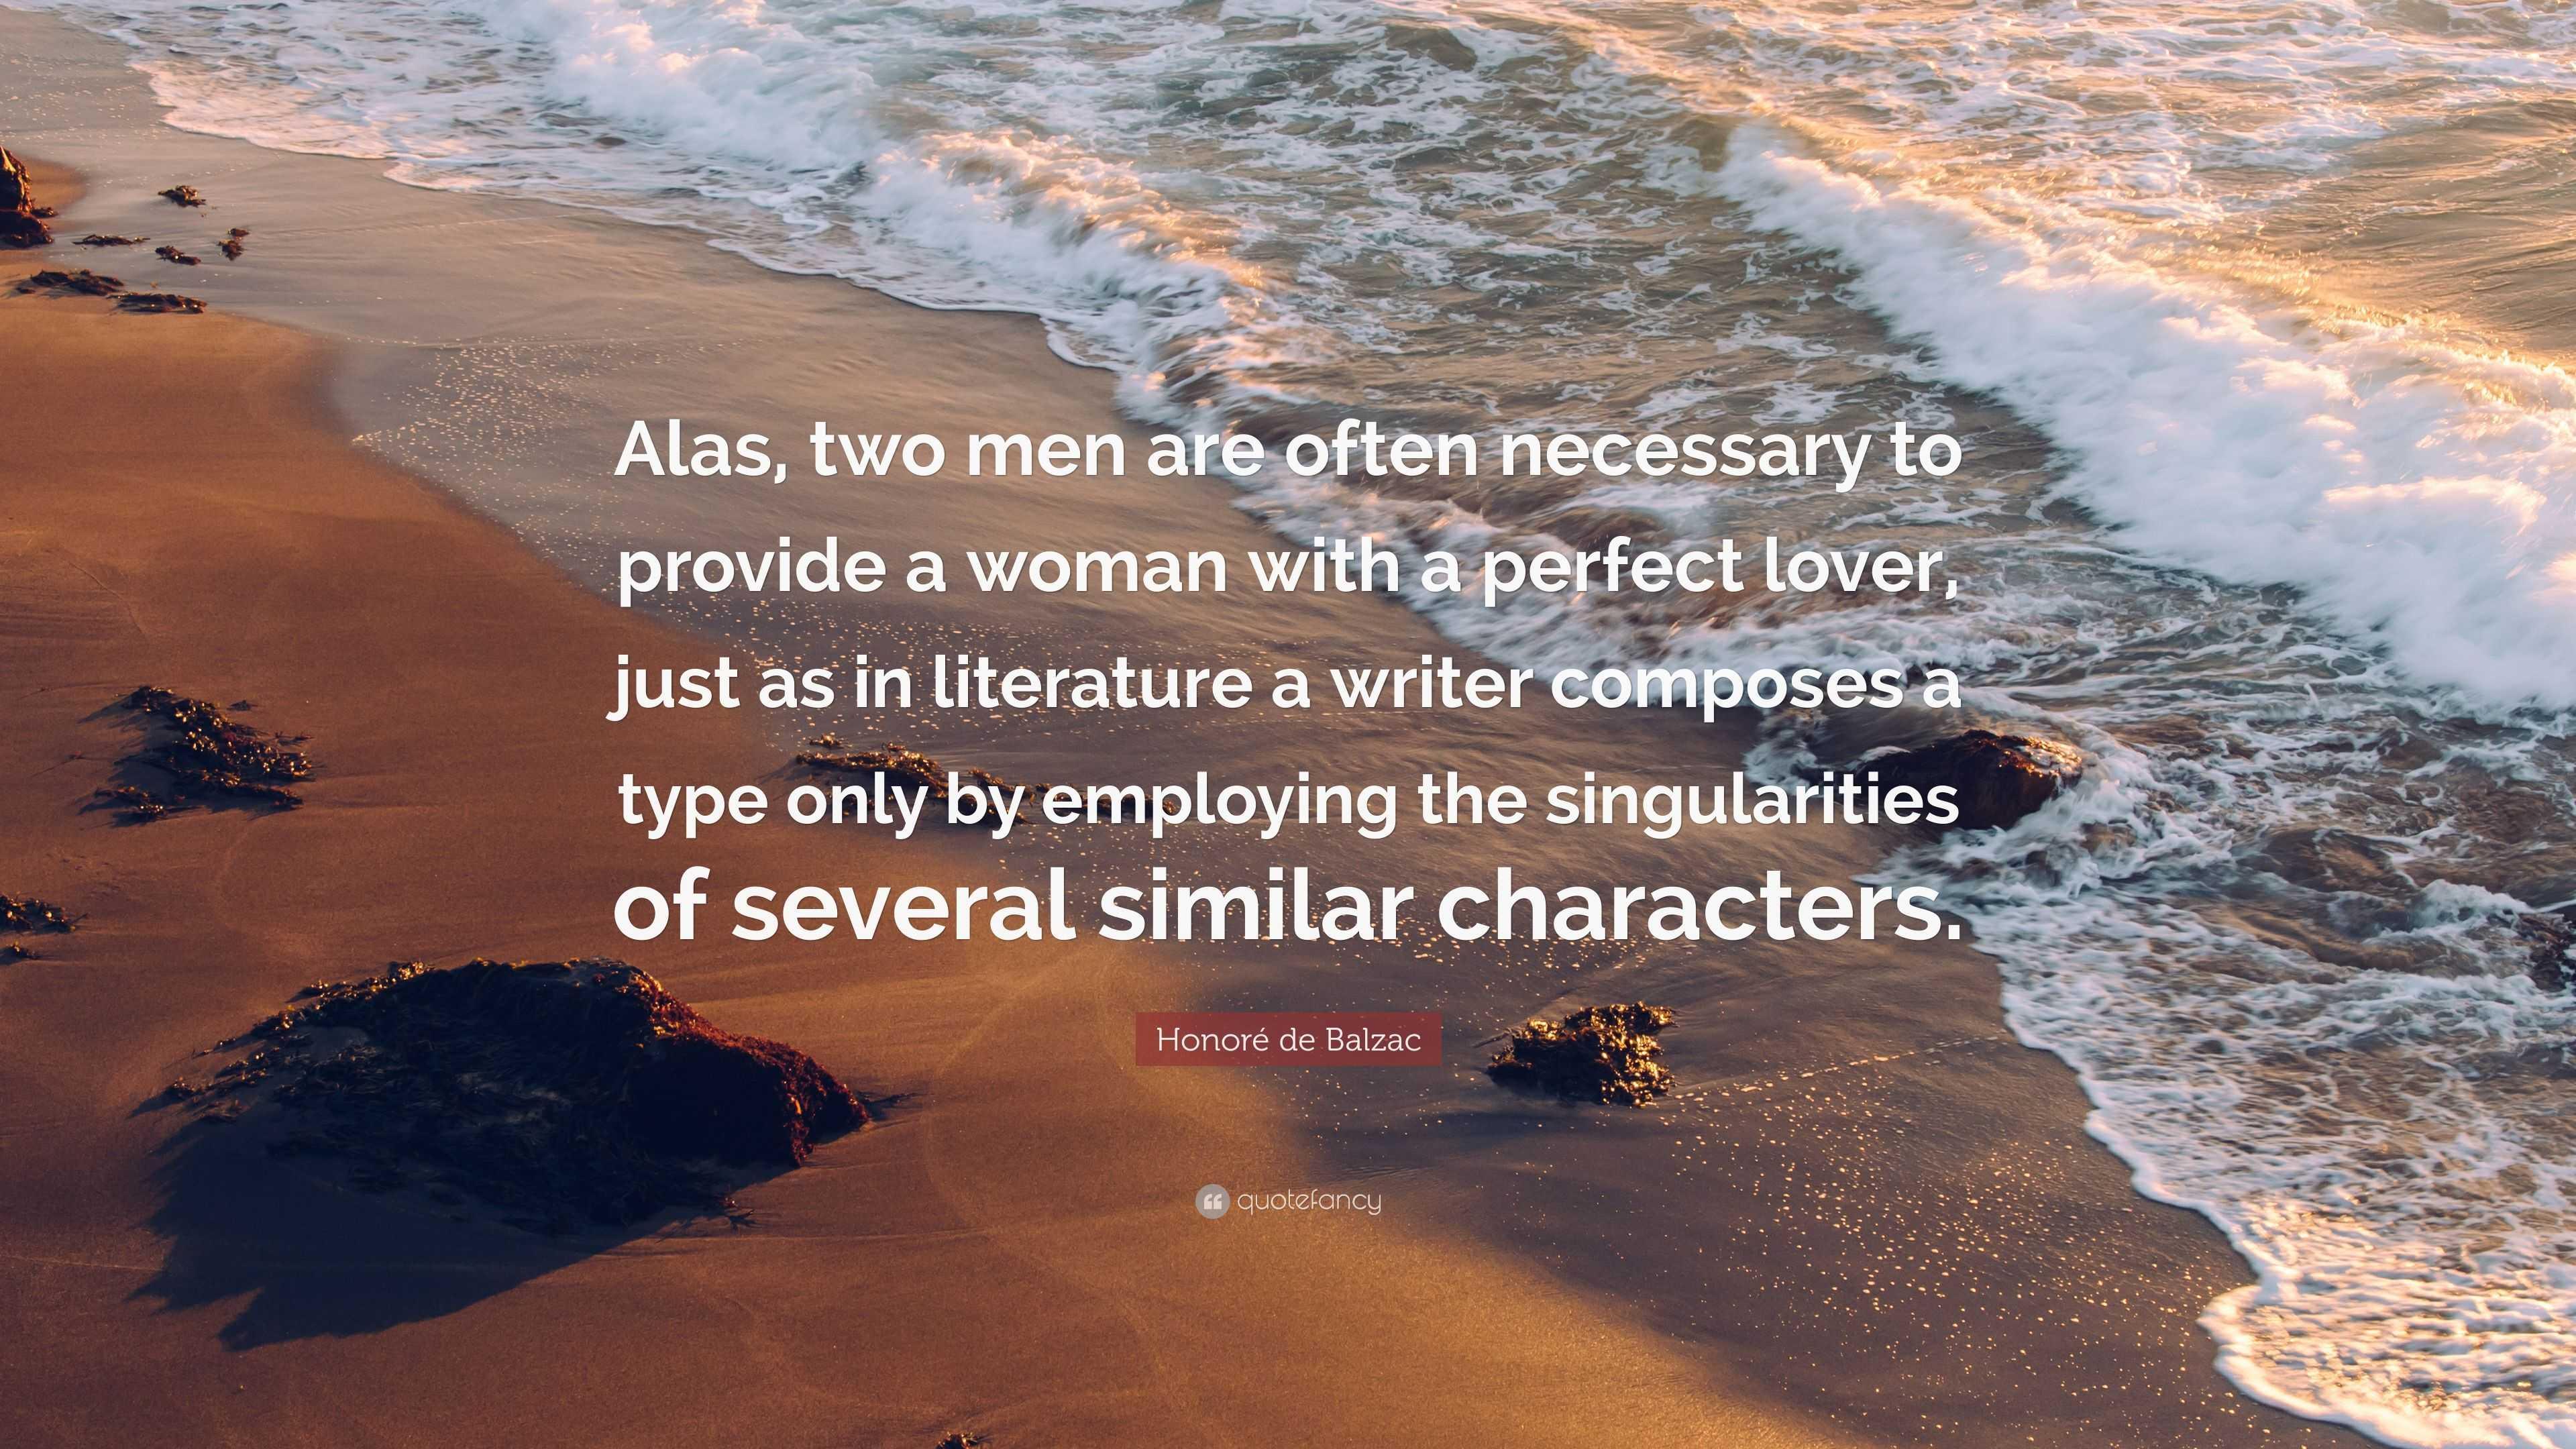 Balzac: description of type